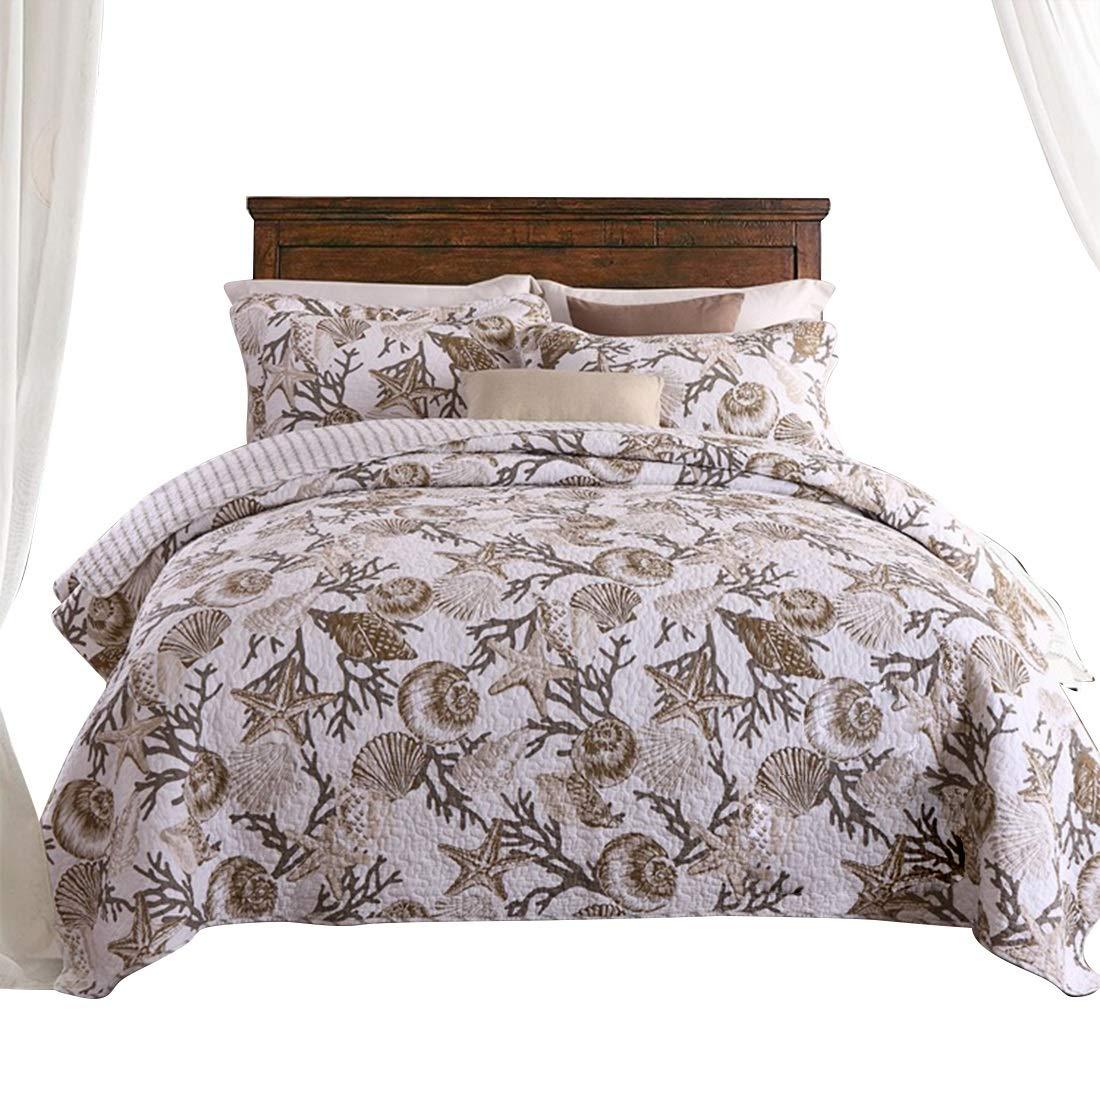 Koloeplf ピュアコットンウォッシュコットンエアコンで夏涼しく寝具3枚セット (Size : QUEEN) B07NRPS4C5